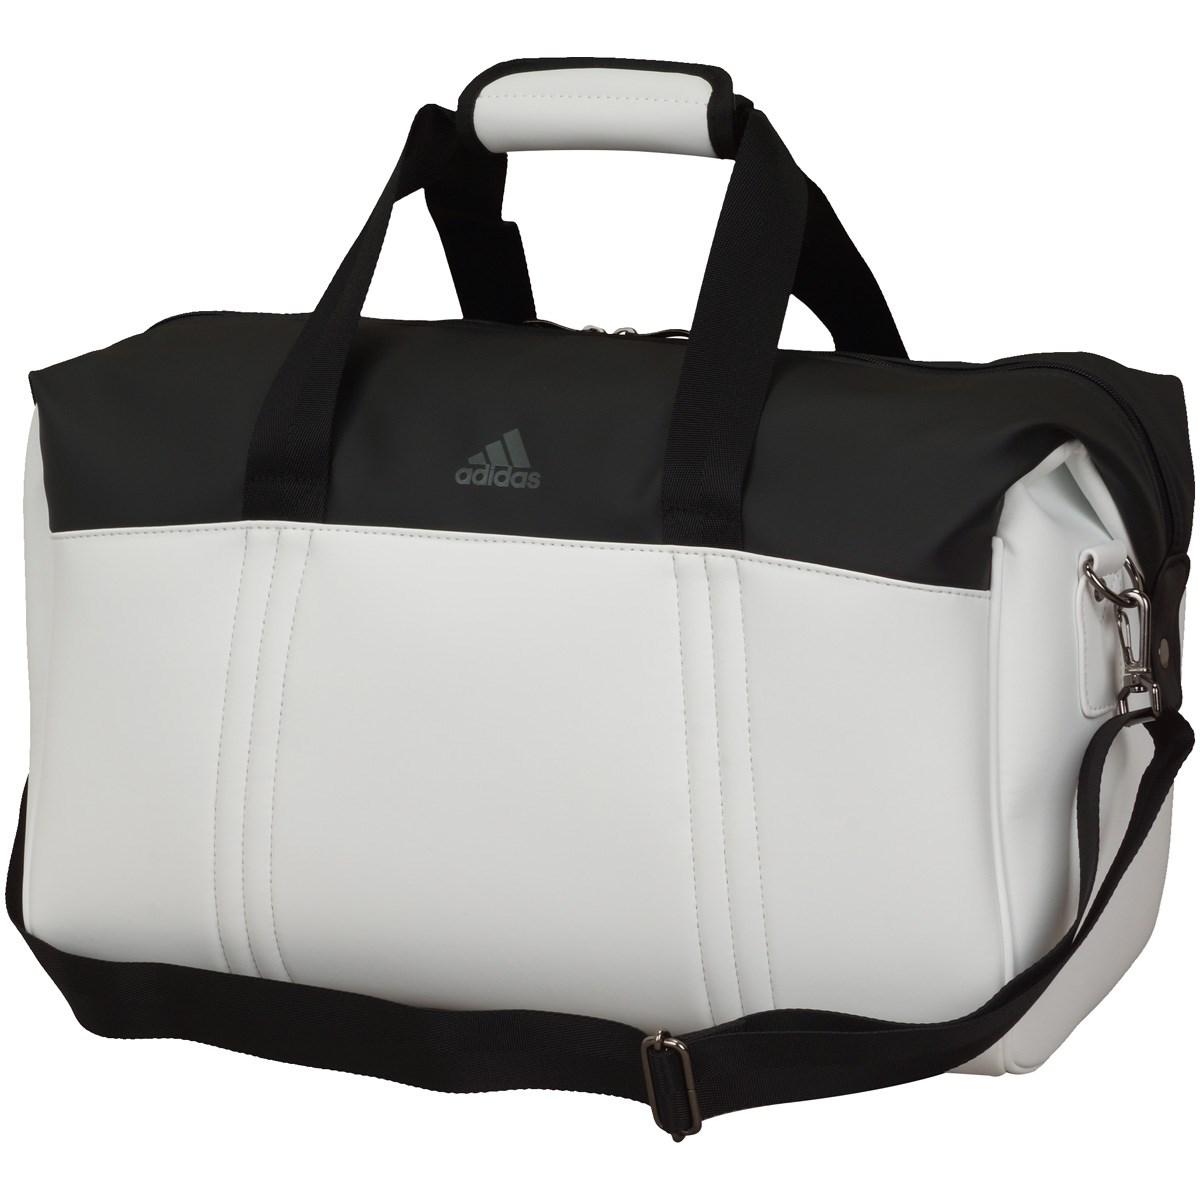 アディダス Adidas マットポリウレタン ボストンバッグ ホワイト